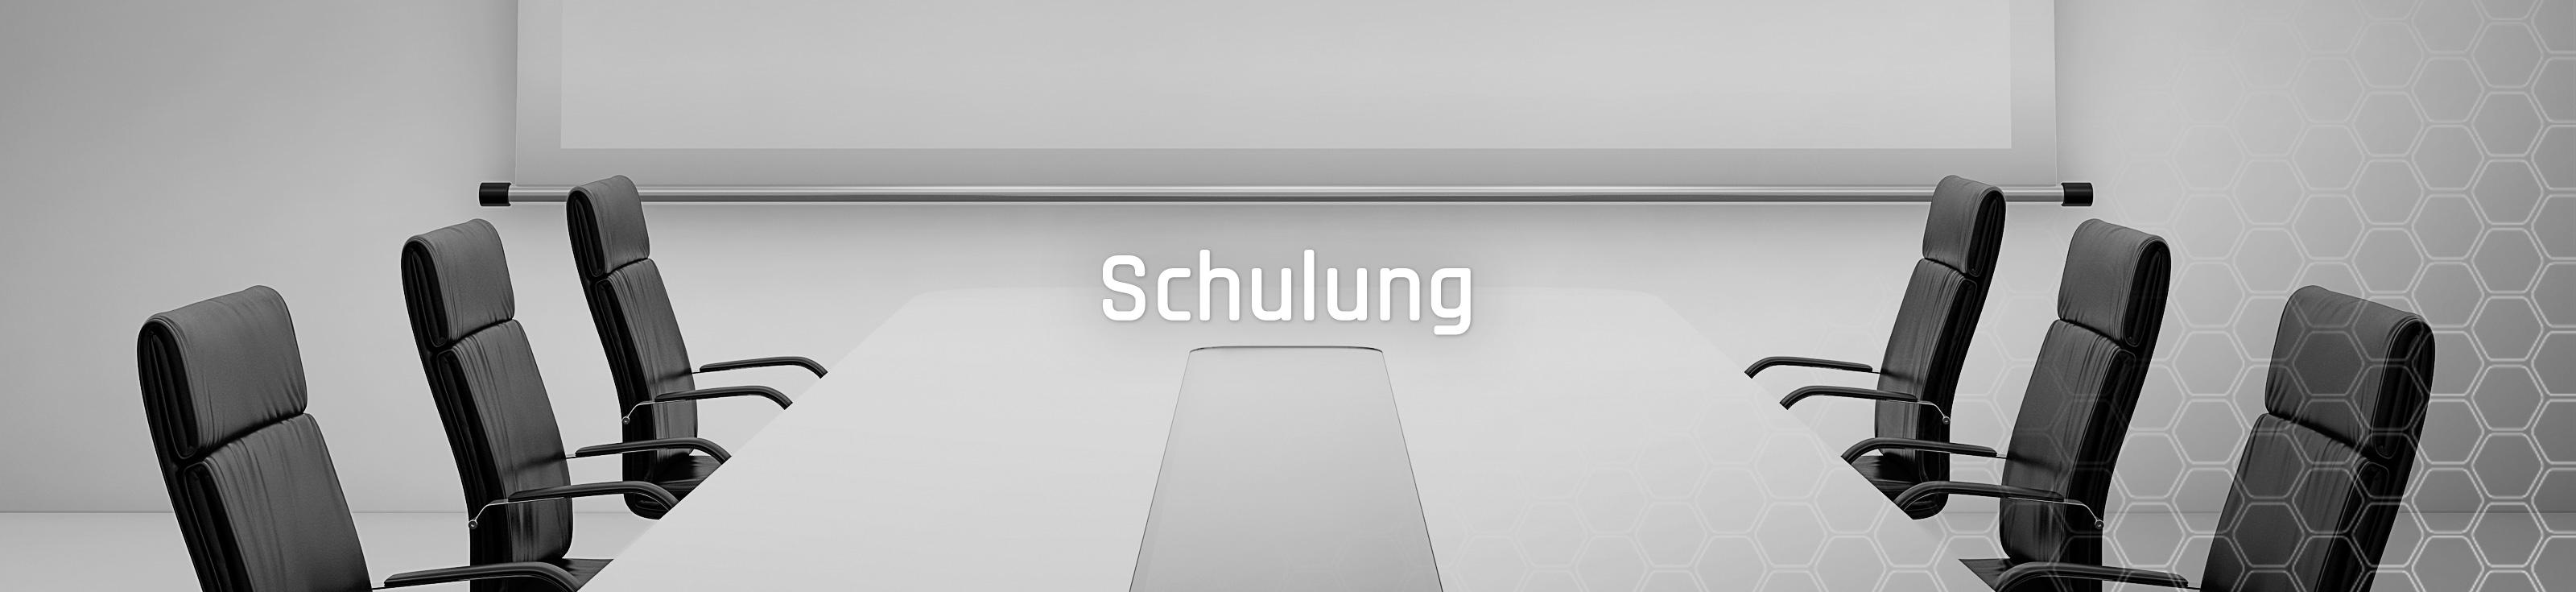 slider_schulung